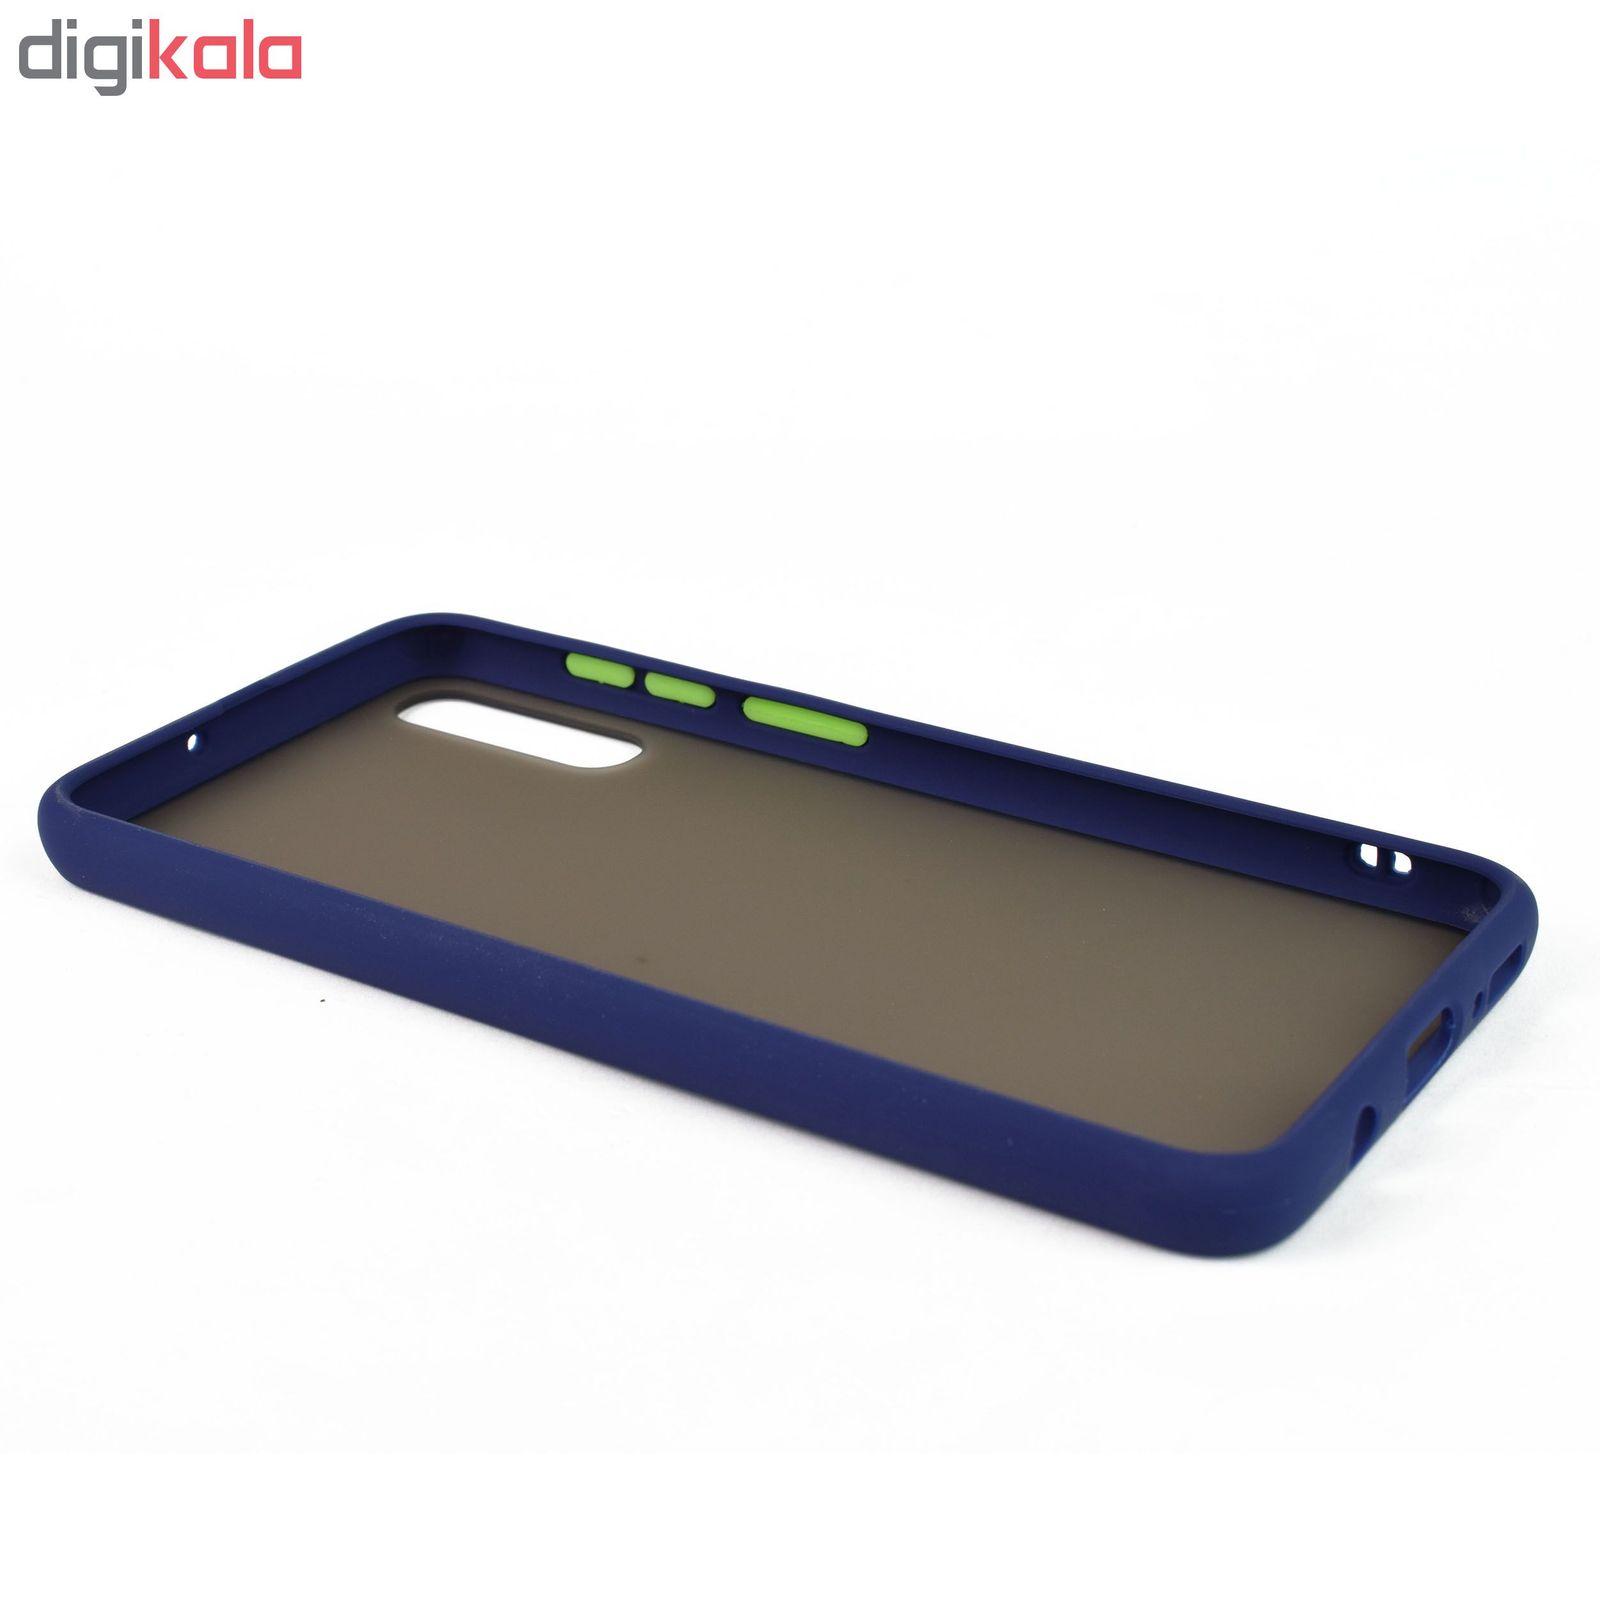 کاور مدل Slico01 مناسب برای گوشی موبایل سامسونگ Galaxy A50 main 1 5